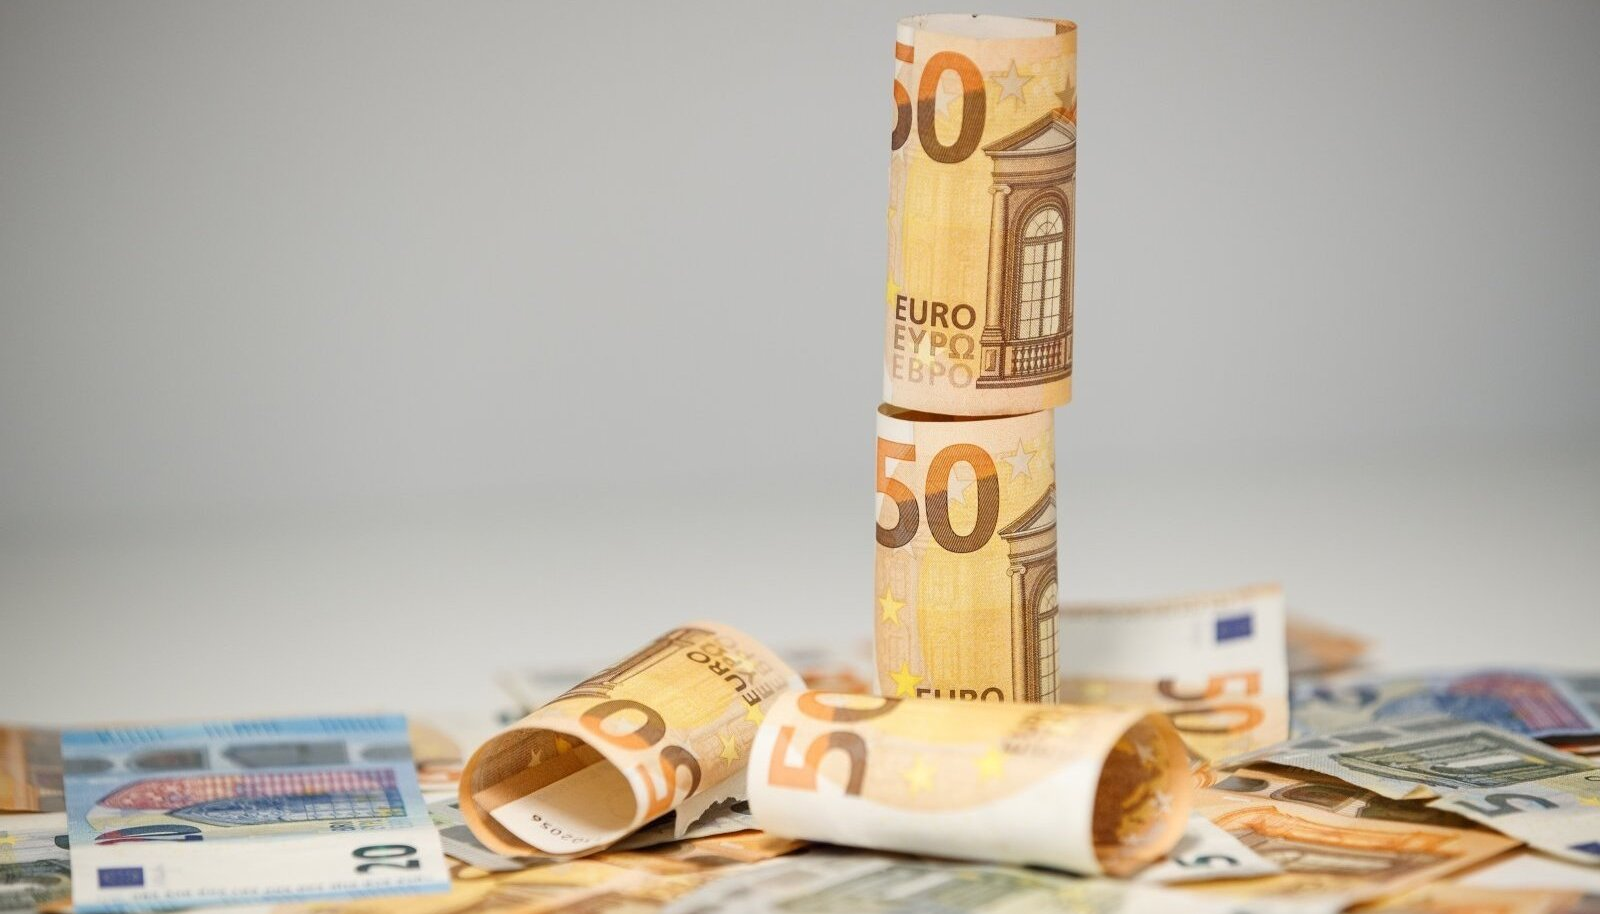 Rahapoliitiliselt ei kannata sissemaksete peatamine teise pensionisambasse kriitikat, sest soovitud eelarvesääst jääb oodatust väiksemaks.